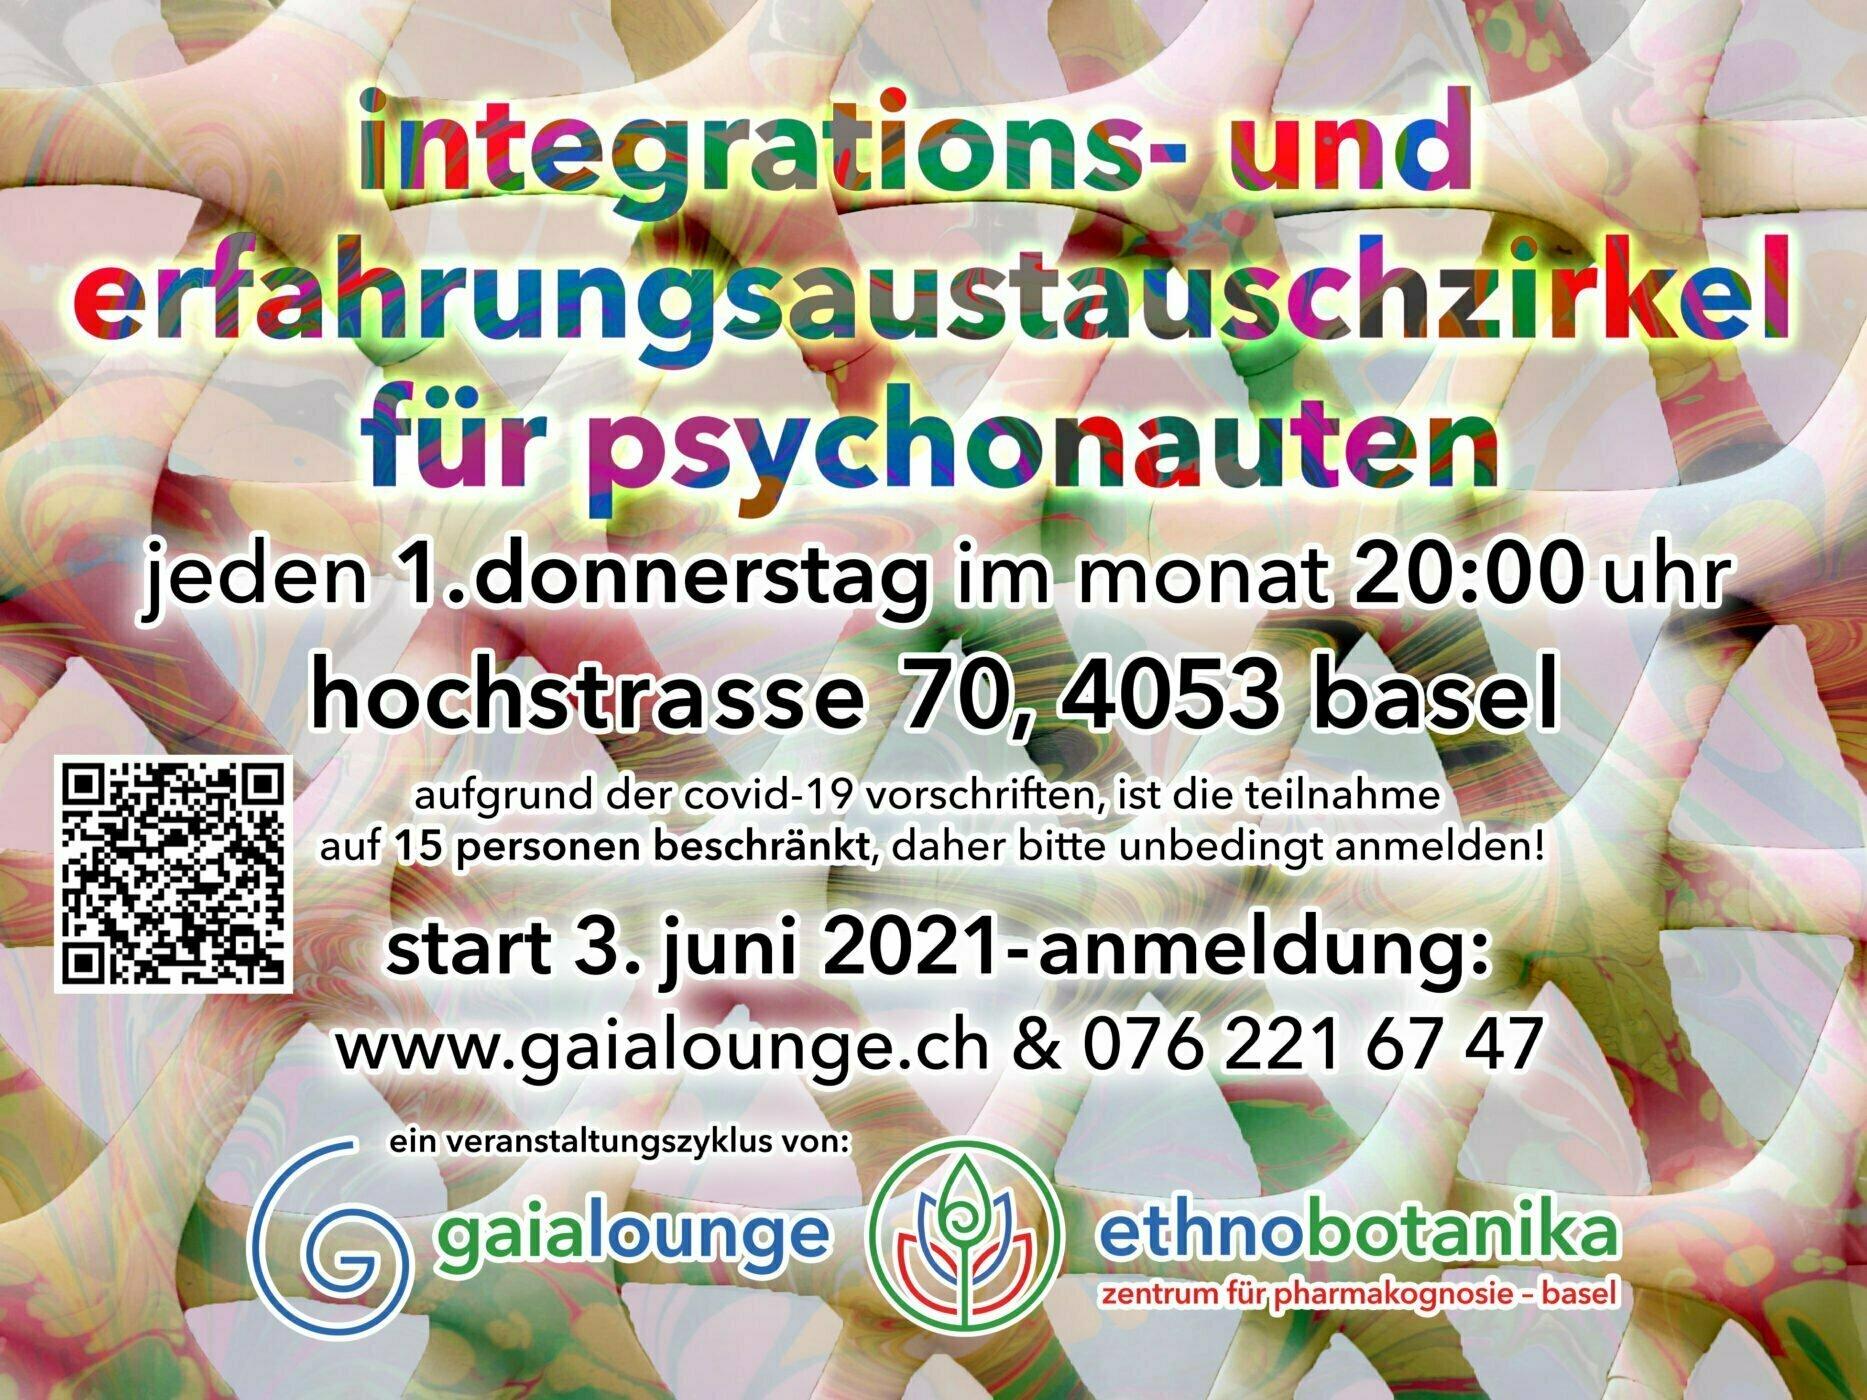 Integrations und Erfahrungsaustauschzirkel fuer Psychonauten v.1